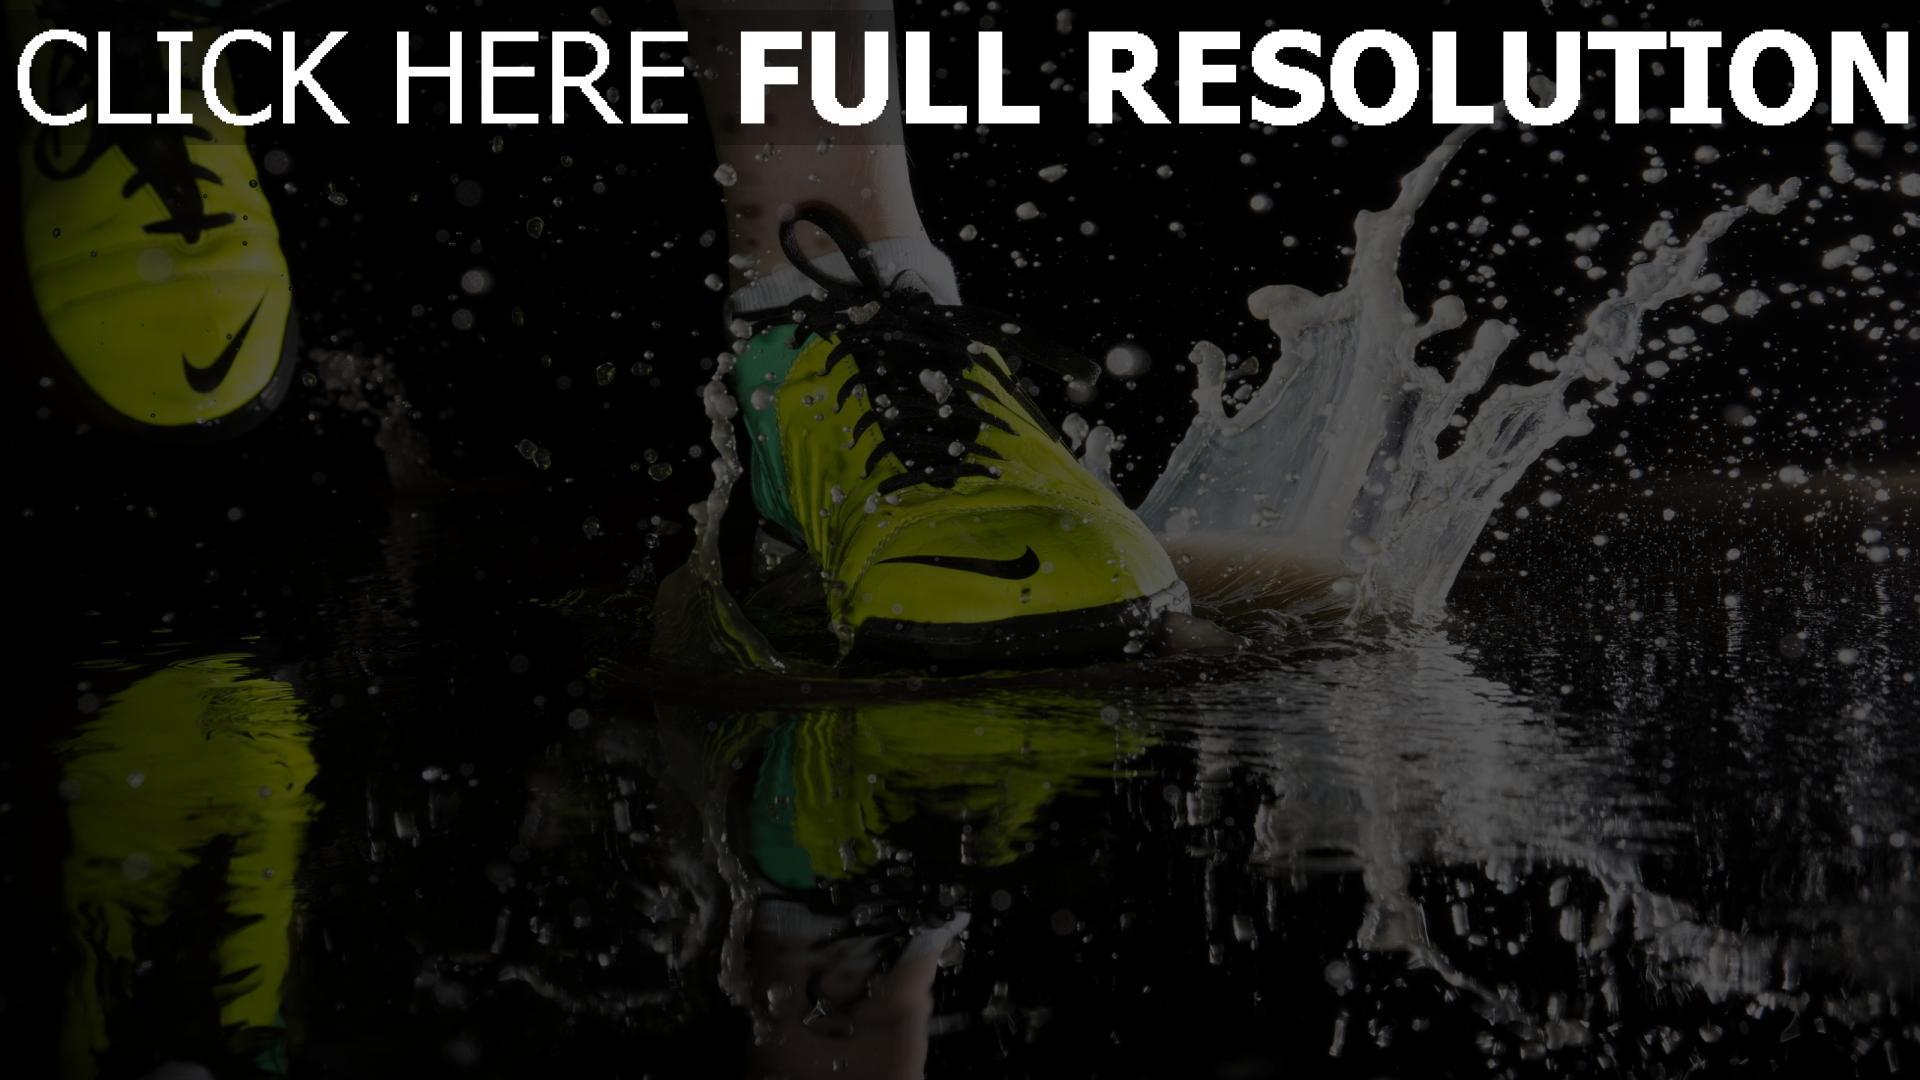 Full Hd Herunterladen Hintergrundbilder Schuhe 1920x1080 Laufen WIE2bDeH9Y